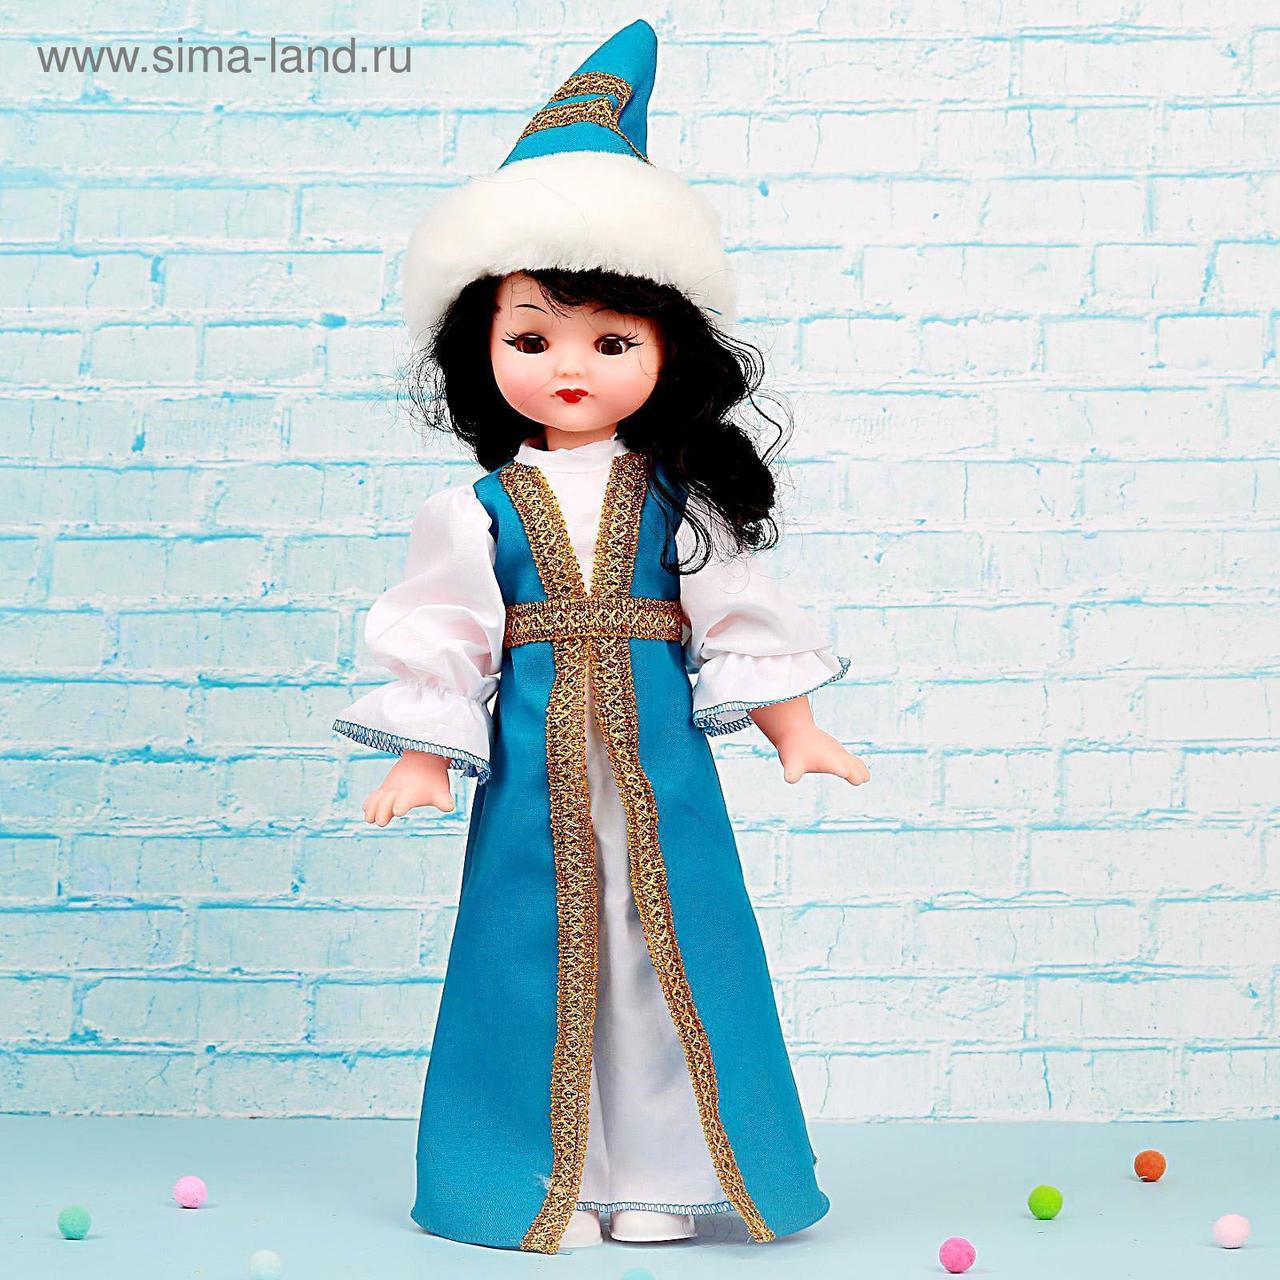 Кукла «Казашка», 45 см, цвета МИКС - фото 3